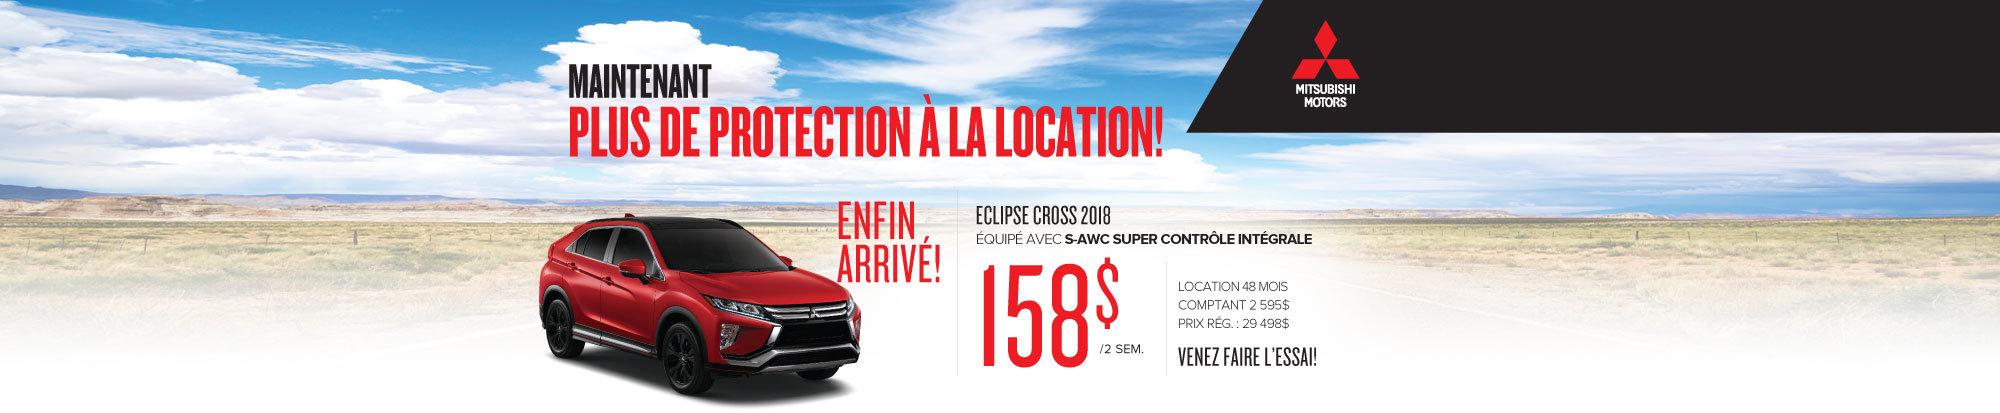 Le 100% nouveau Eclipse Cross 2018 est enfin arrivé chez Mitsubishi! - web